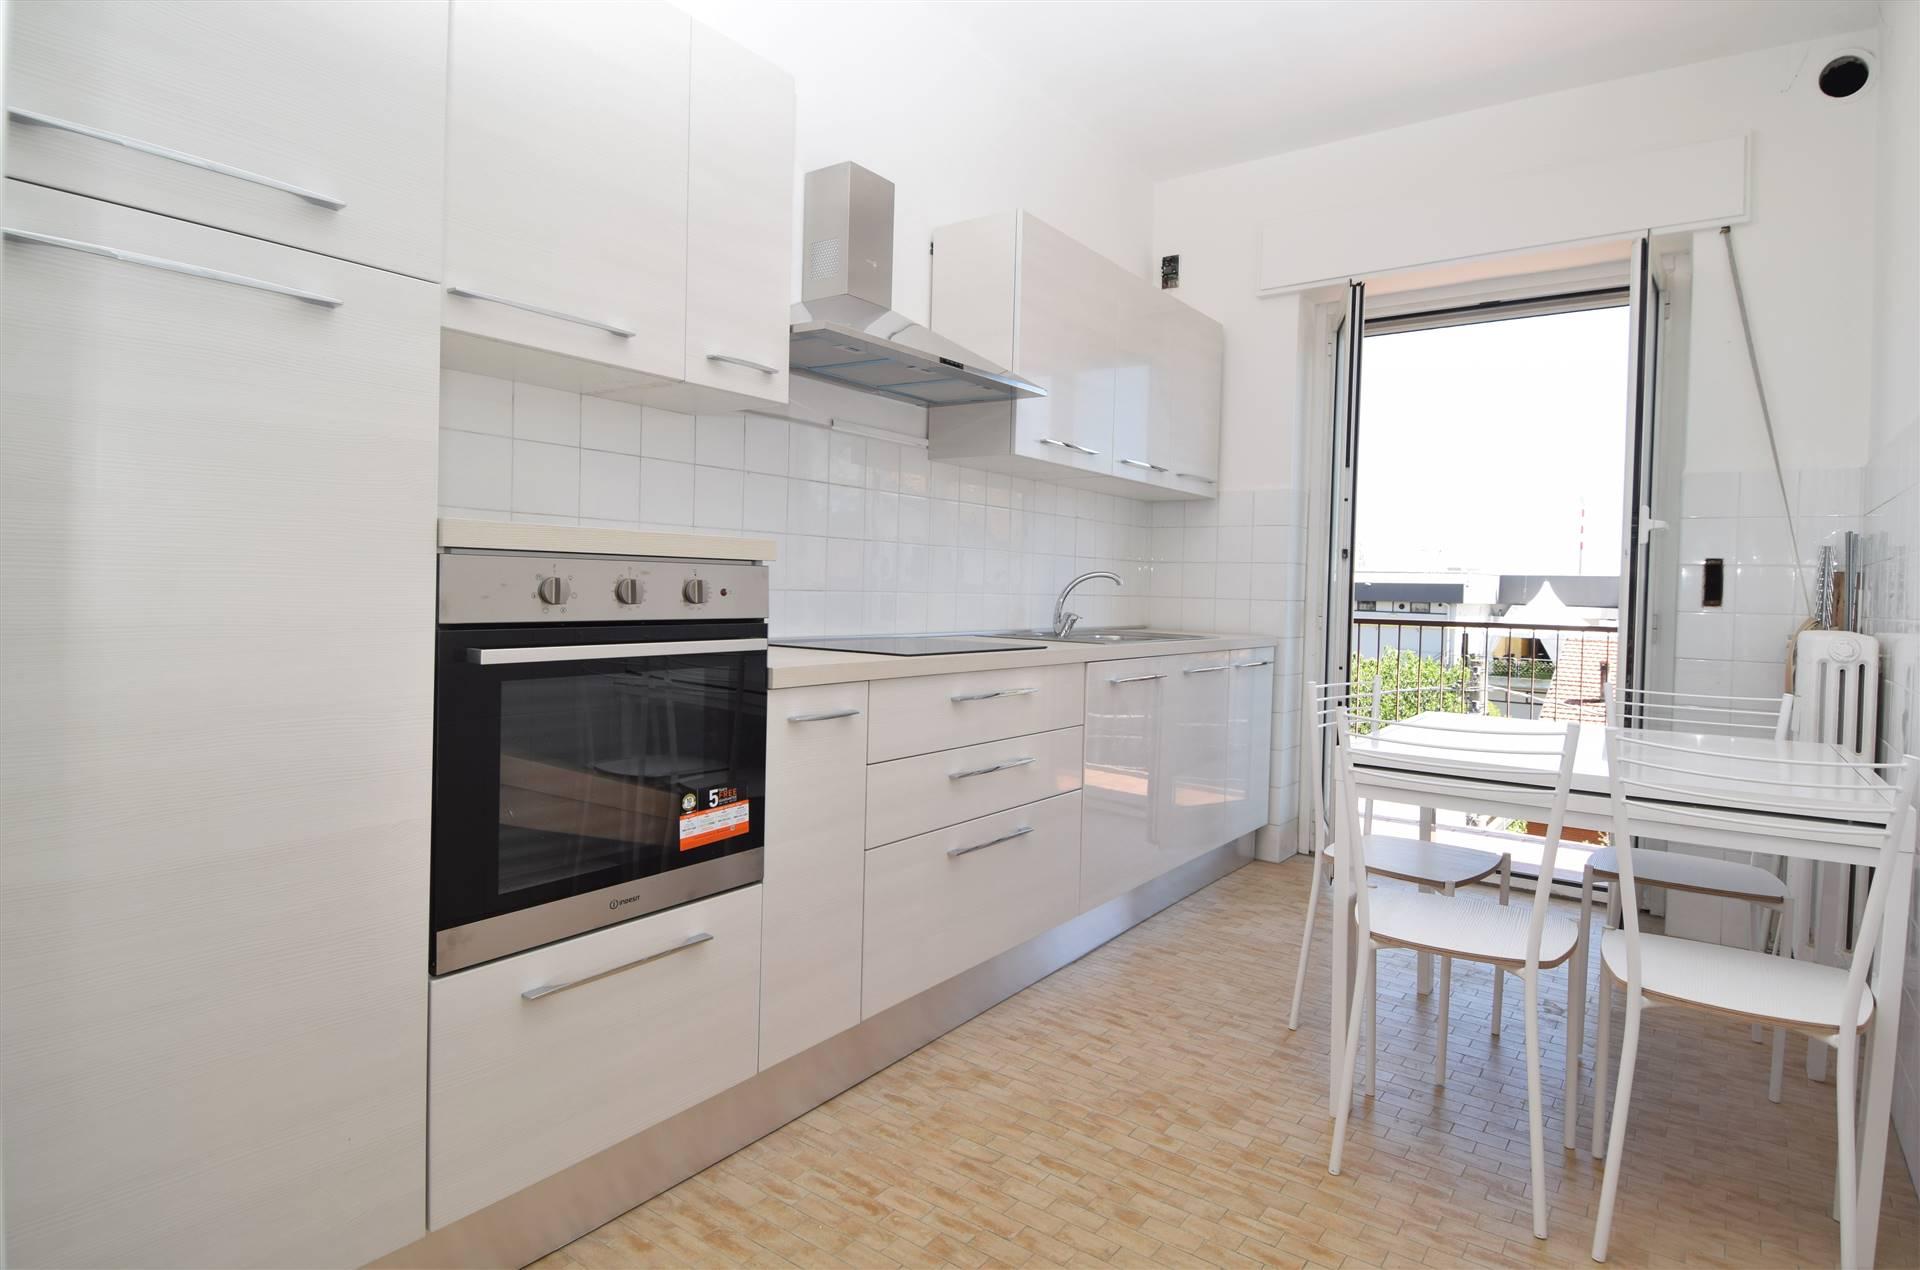 Appartamento in affitto a Gaglianico, 2 locali, prezzo € 400 | CambioCasa.it